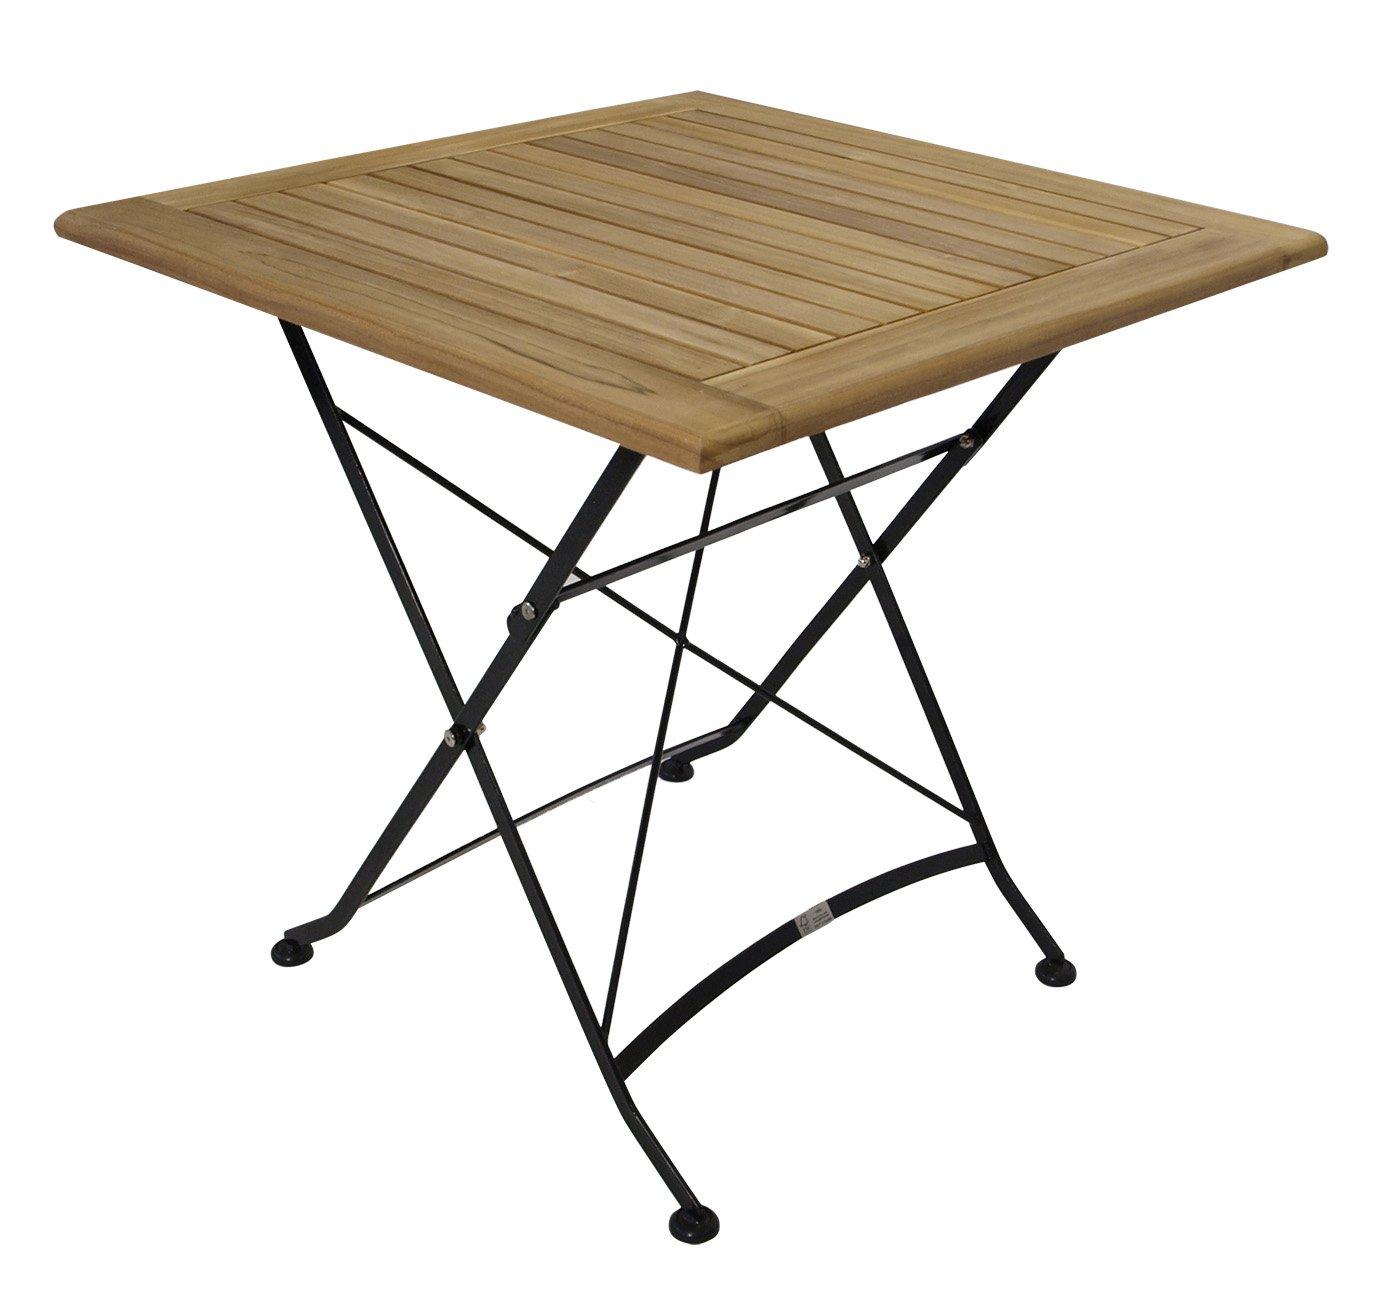 Klapptisch JAKARTA 75x75cm, Flachstahl schwarz + Teak Holz kaufen